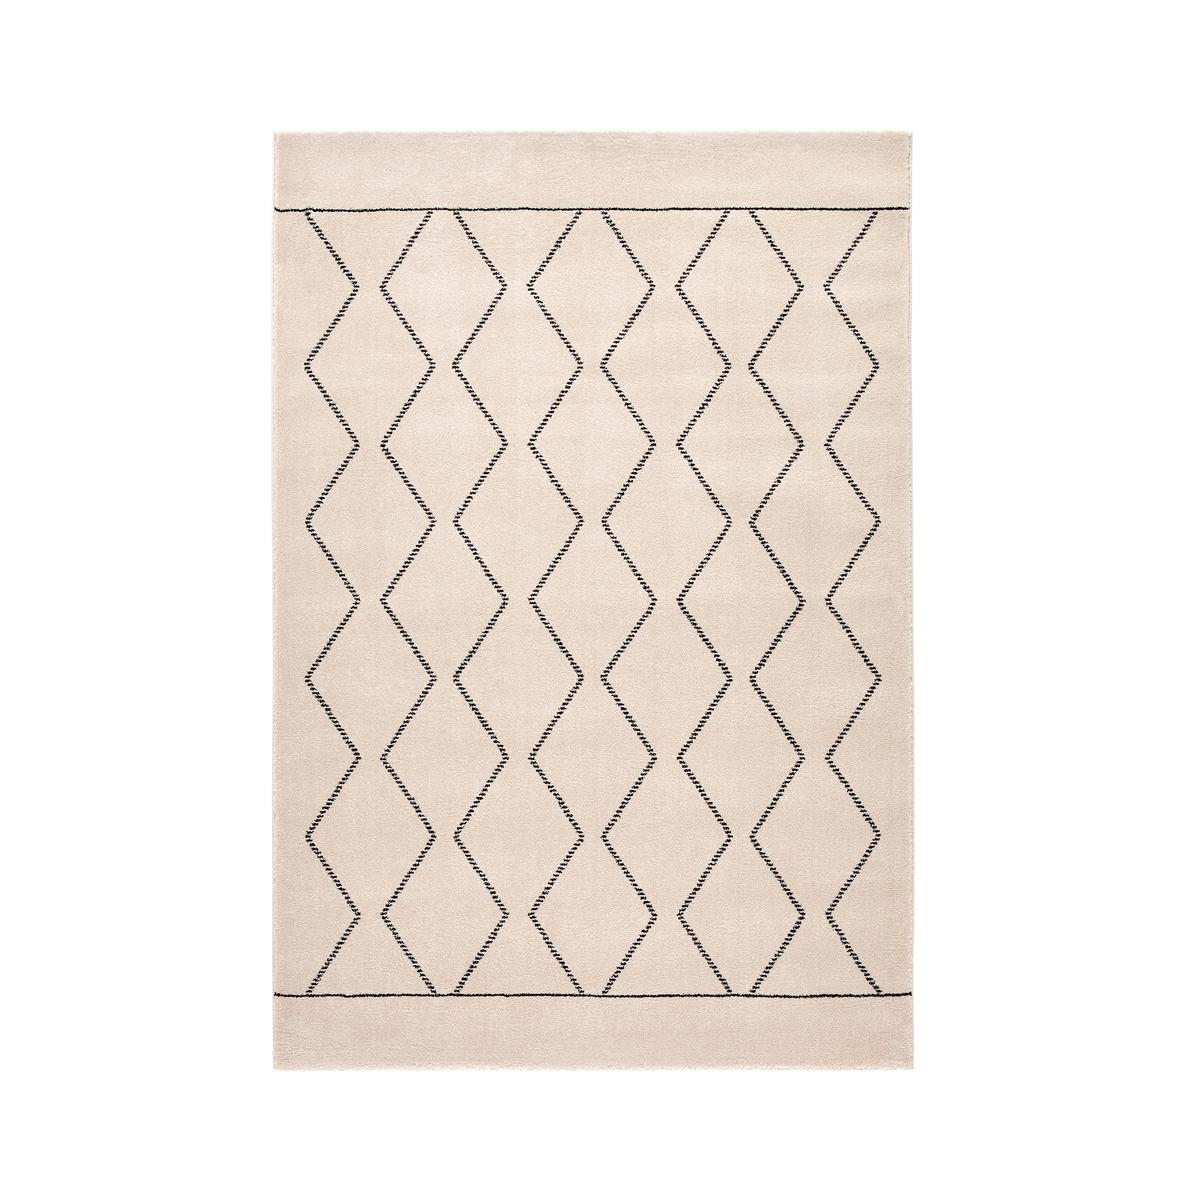 Ковер La Redoute Oliban в арабском стиле 160 x 230 см черный ковер la redoute в берберском стиле kaylon 120 x 170 см каштановый